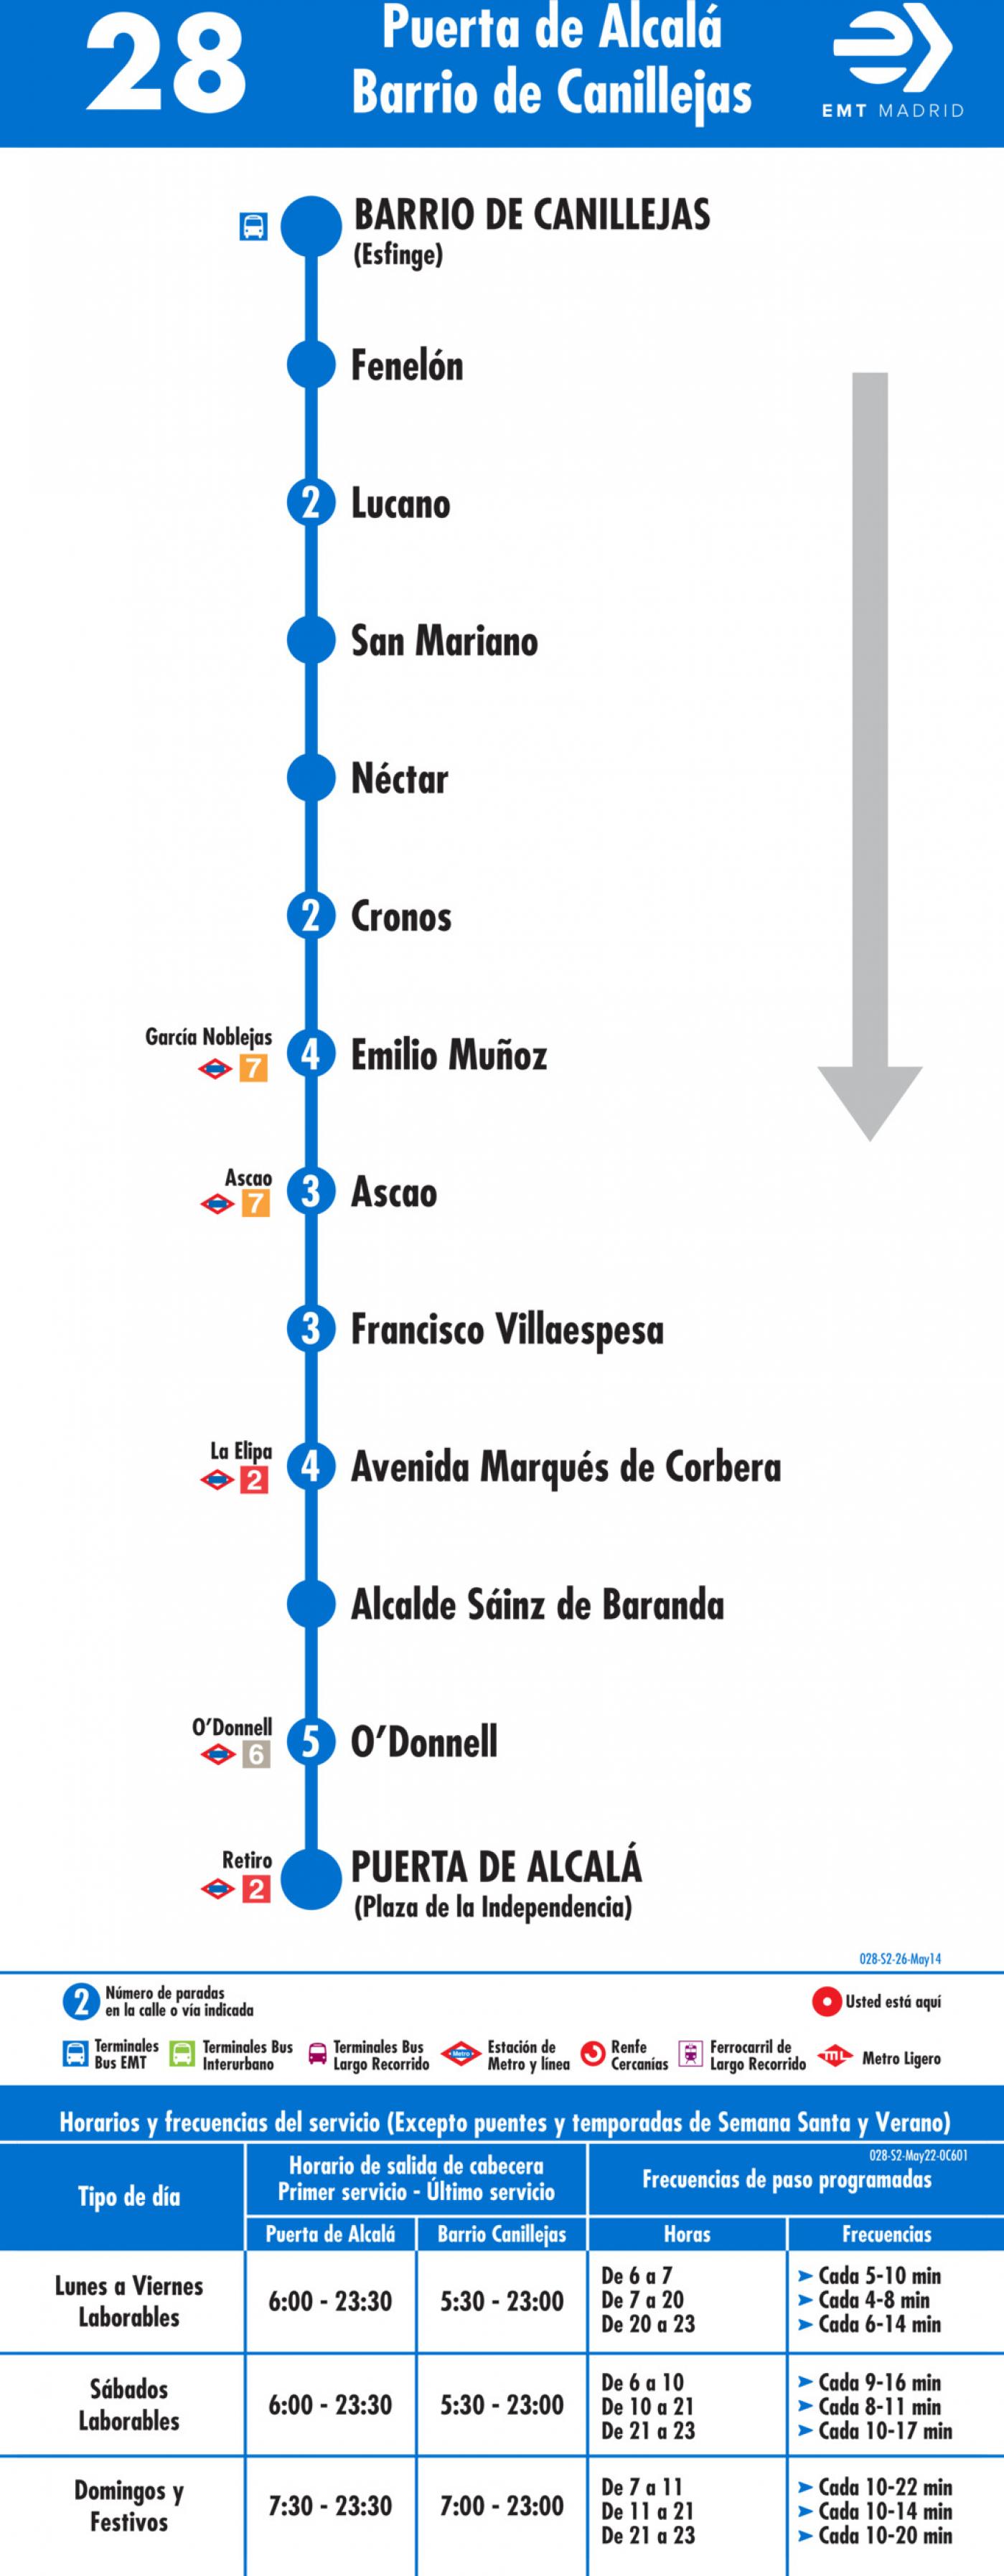 Tabla de horarios y frecuencias de paso en sentido vuelta Línea 28: Puerta de Alcalá - Barrio de Canillejas